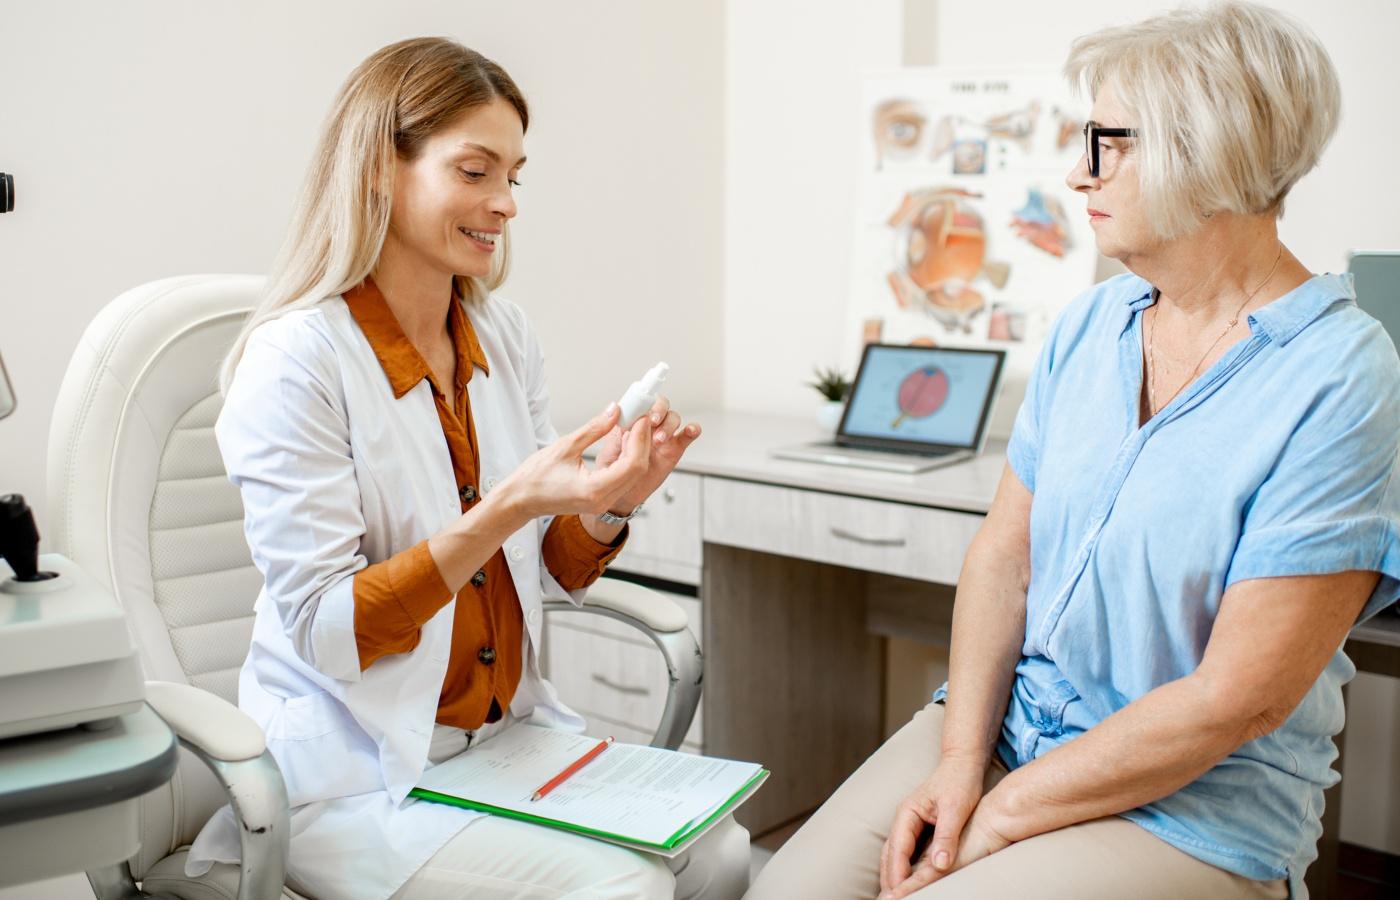 médica a dar colírios a paciente